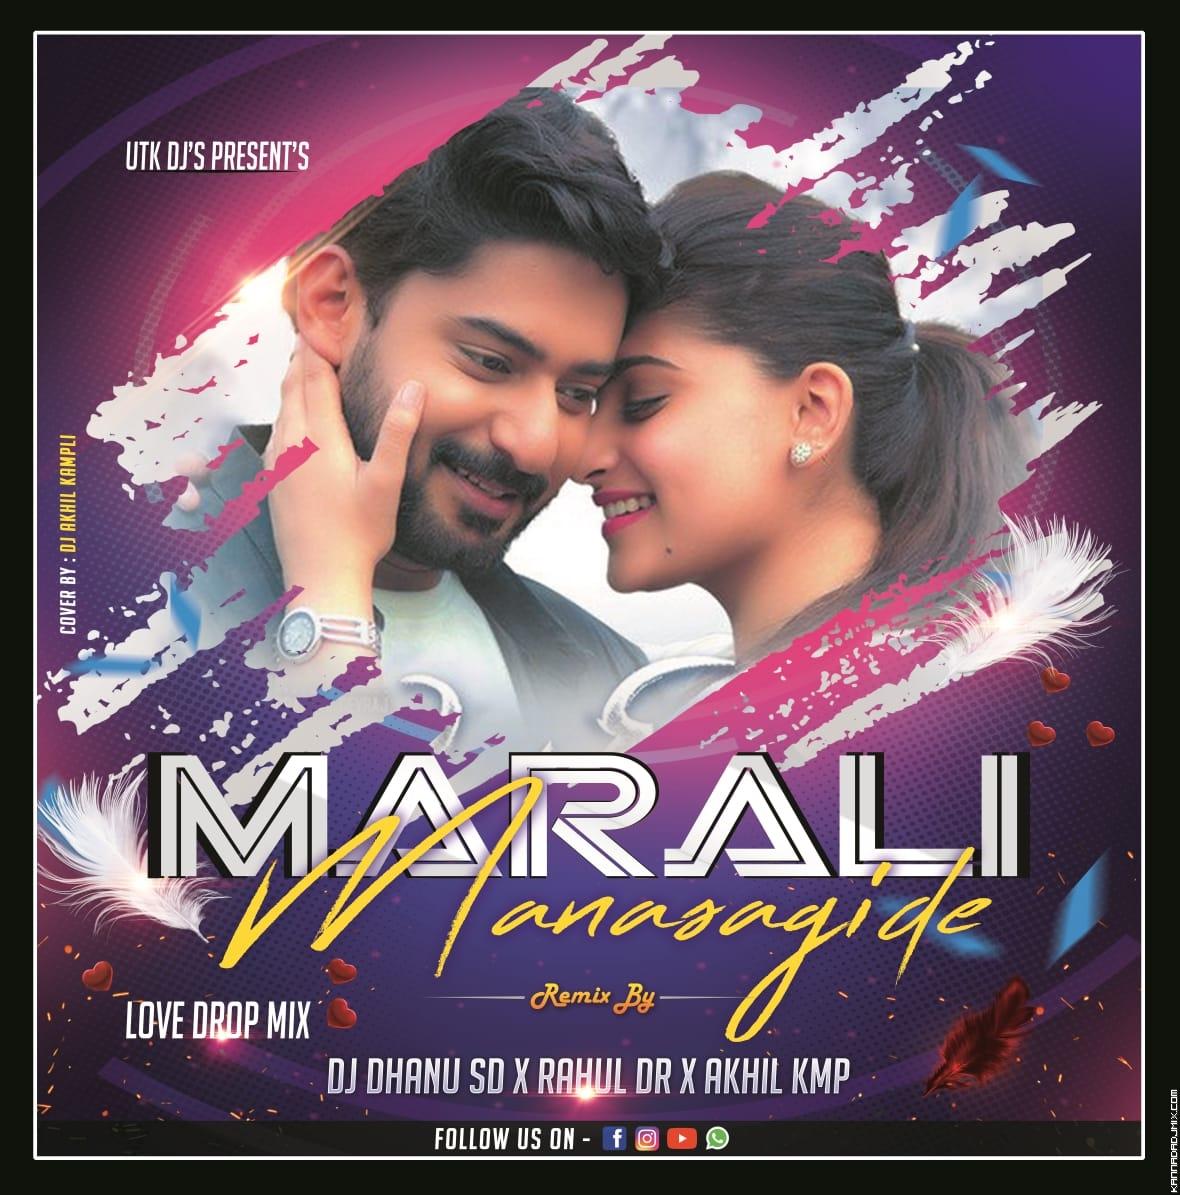 MARALI_MANASAGIDE LOVE DROP MIX DJ DHANU SD X RAHUL DR X AKHIL KMP.mp3